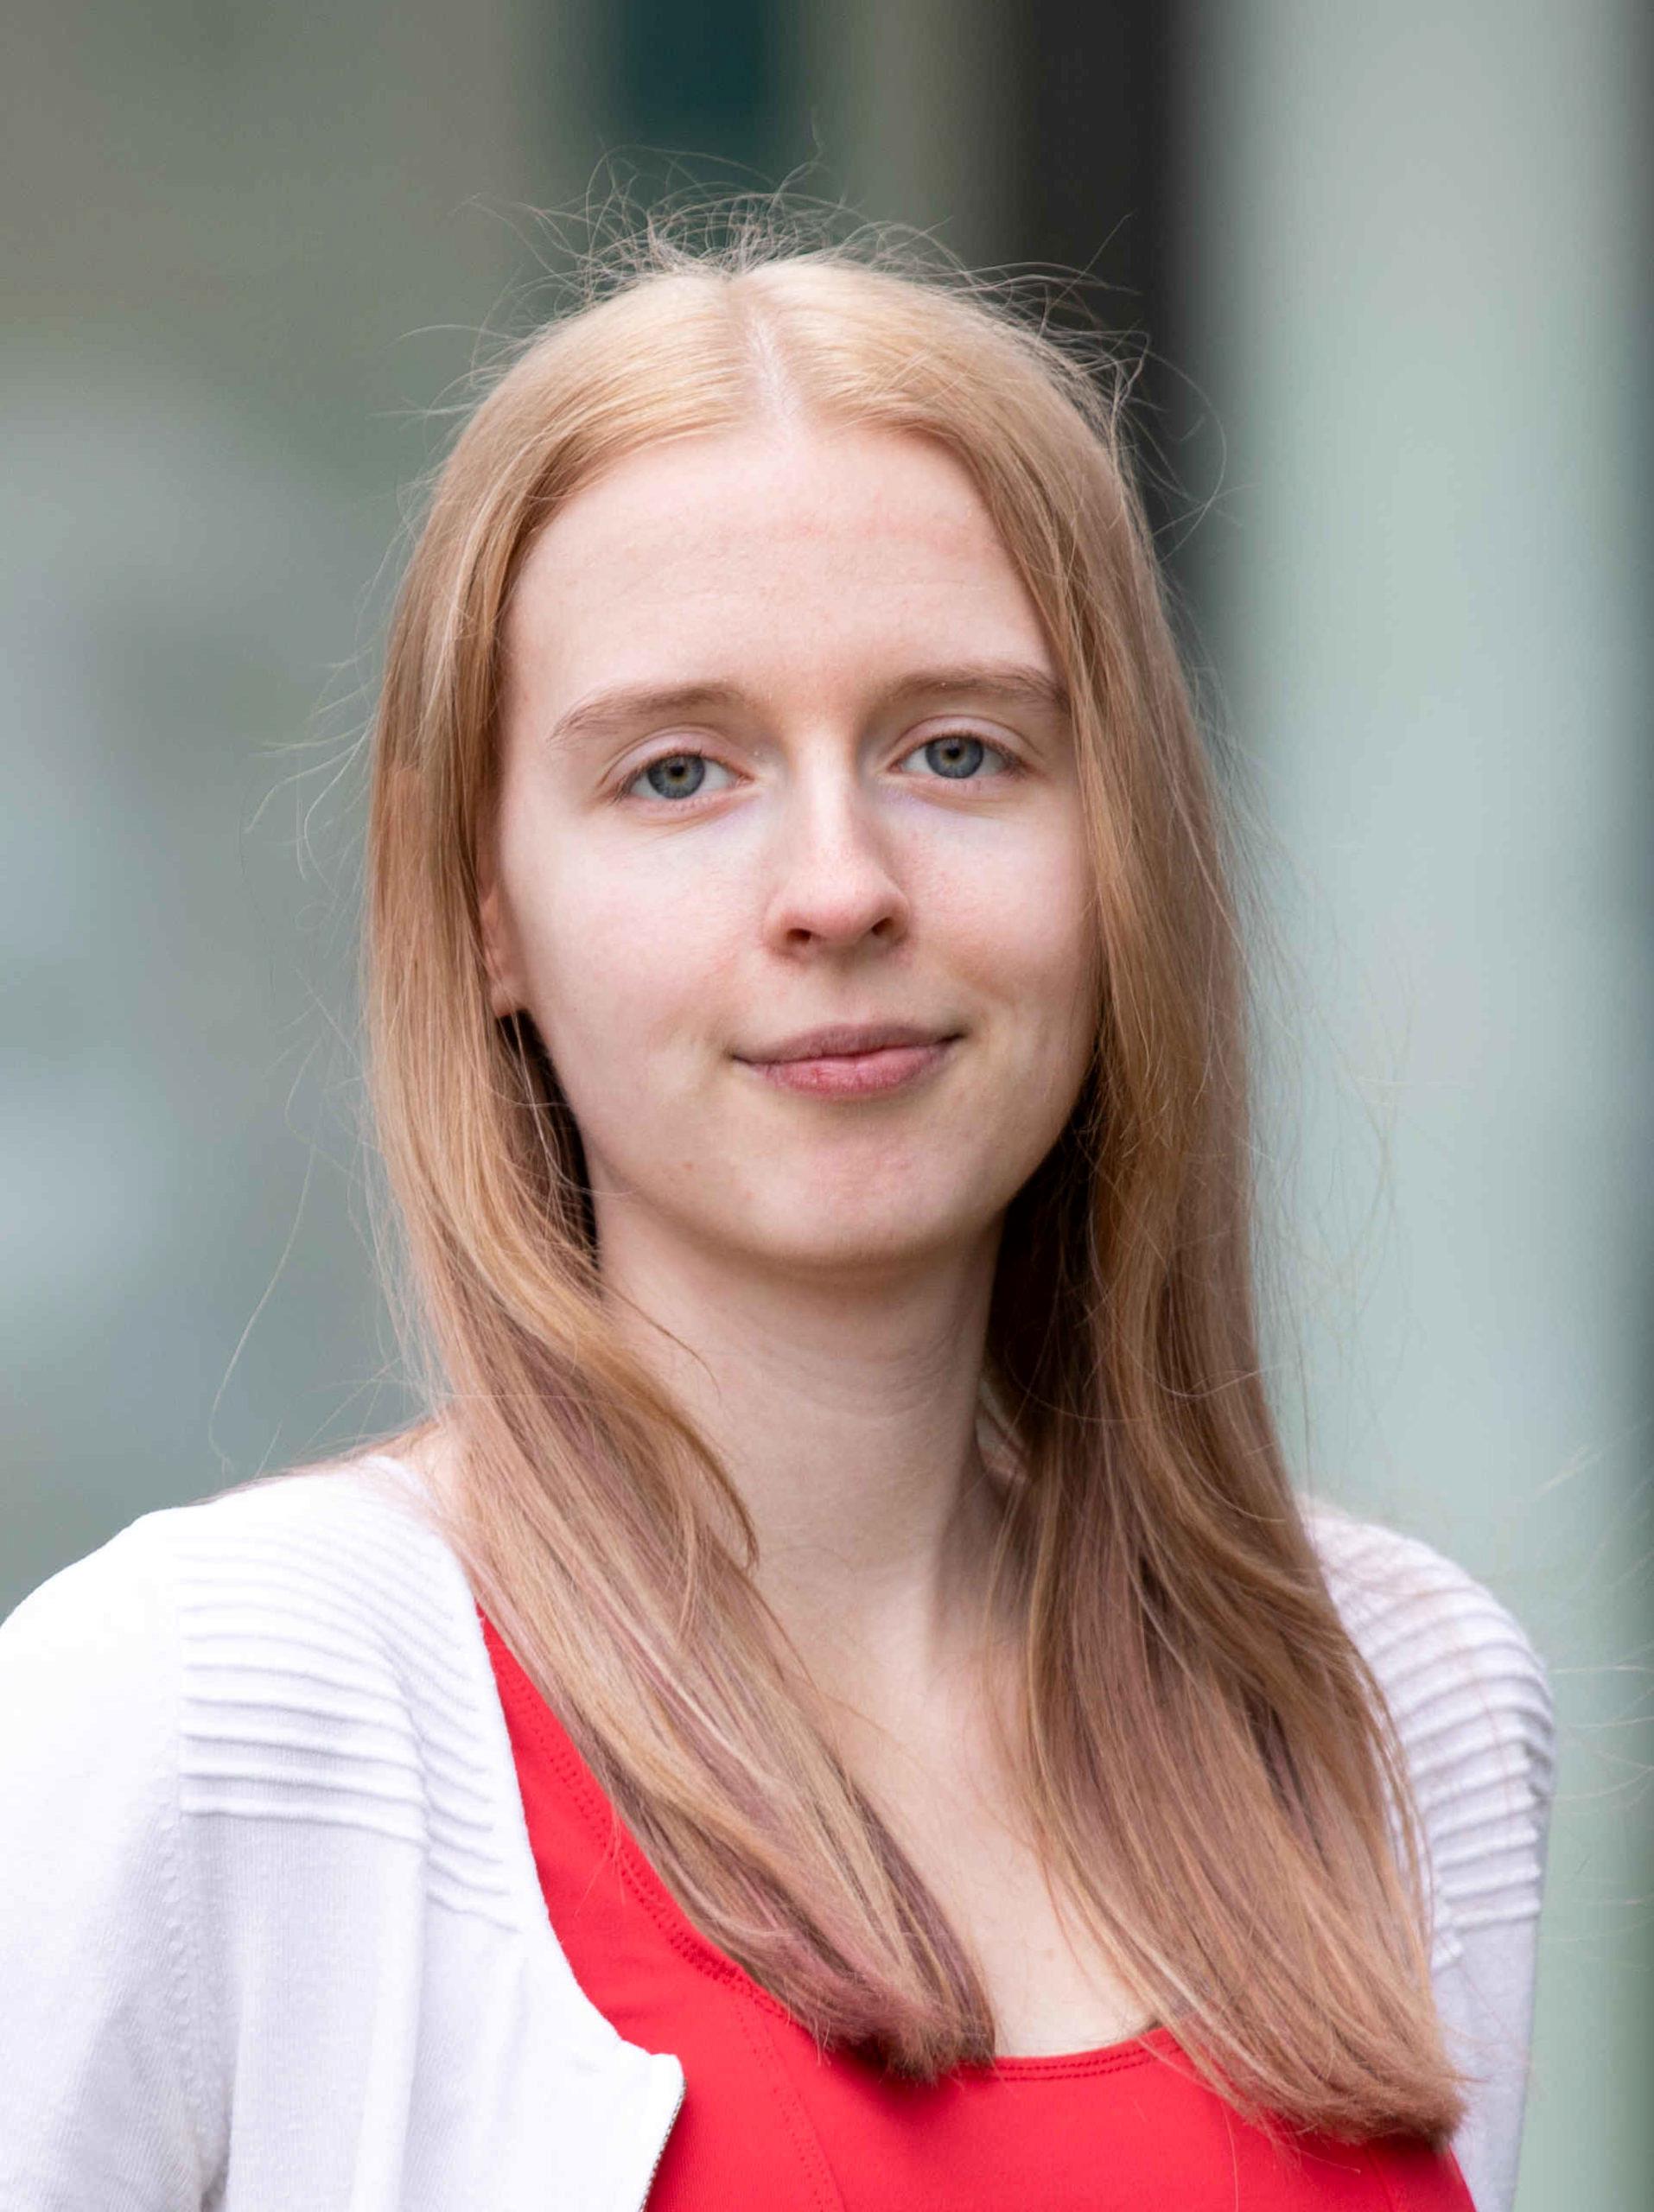 Nicole Schliederer